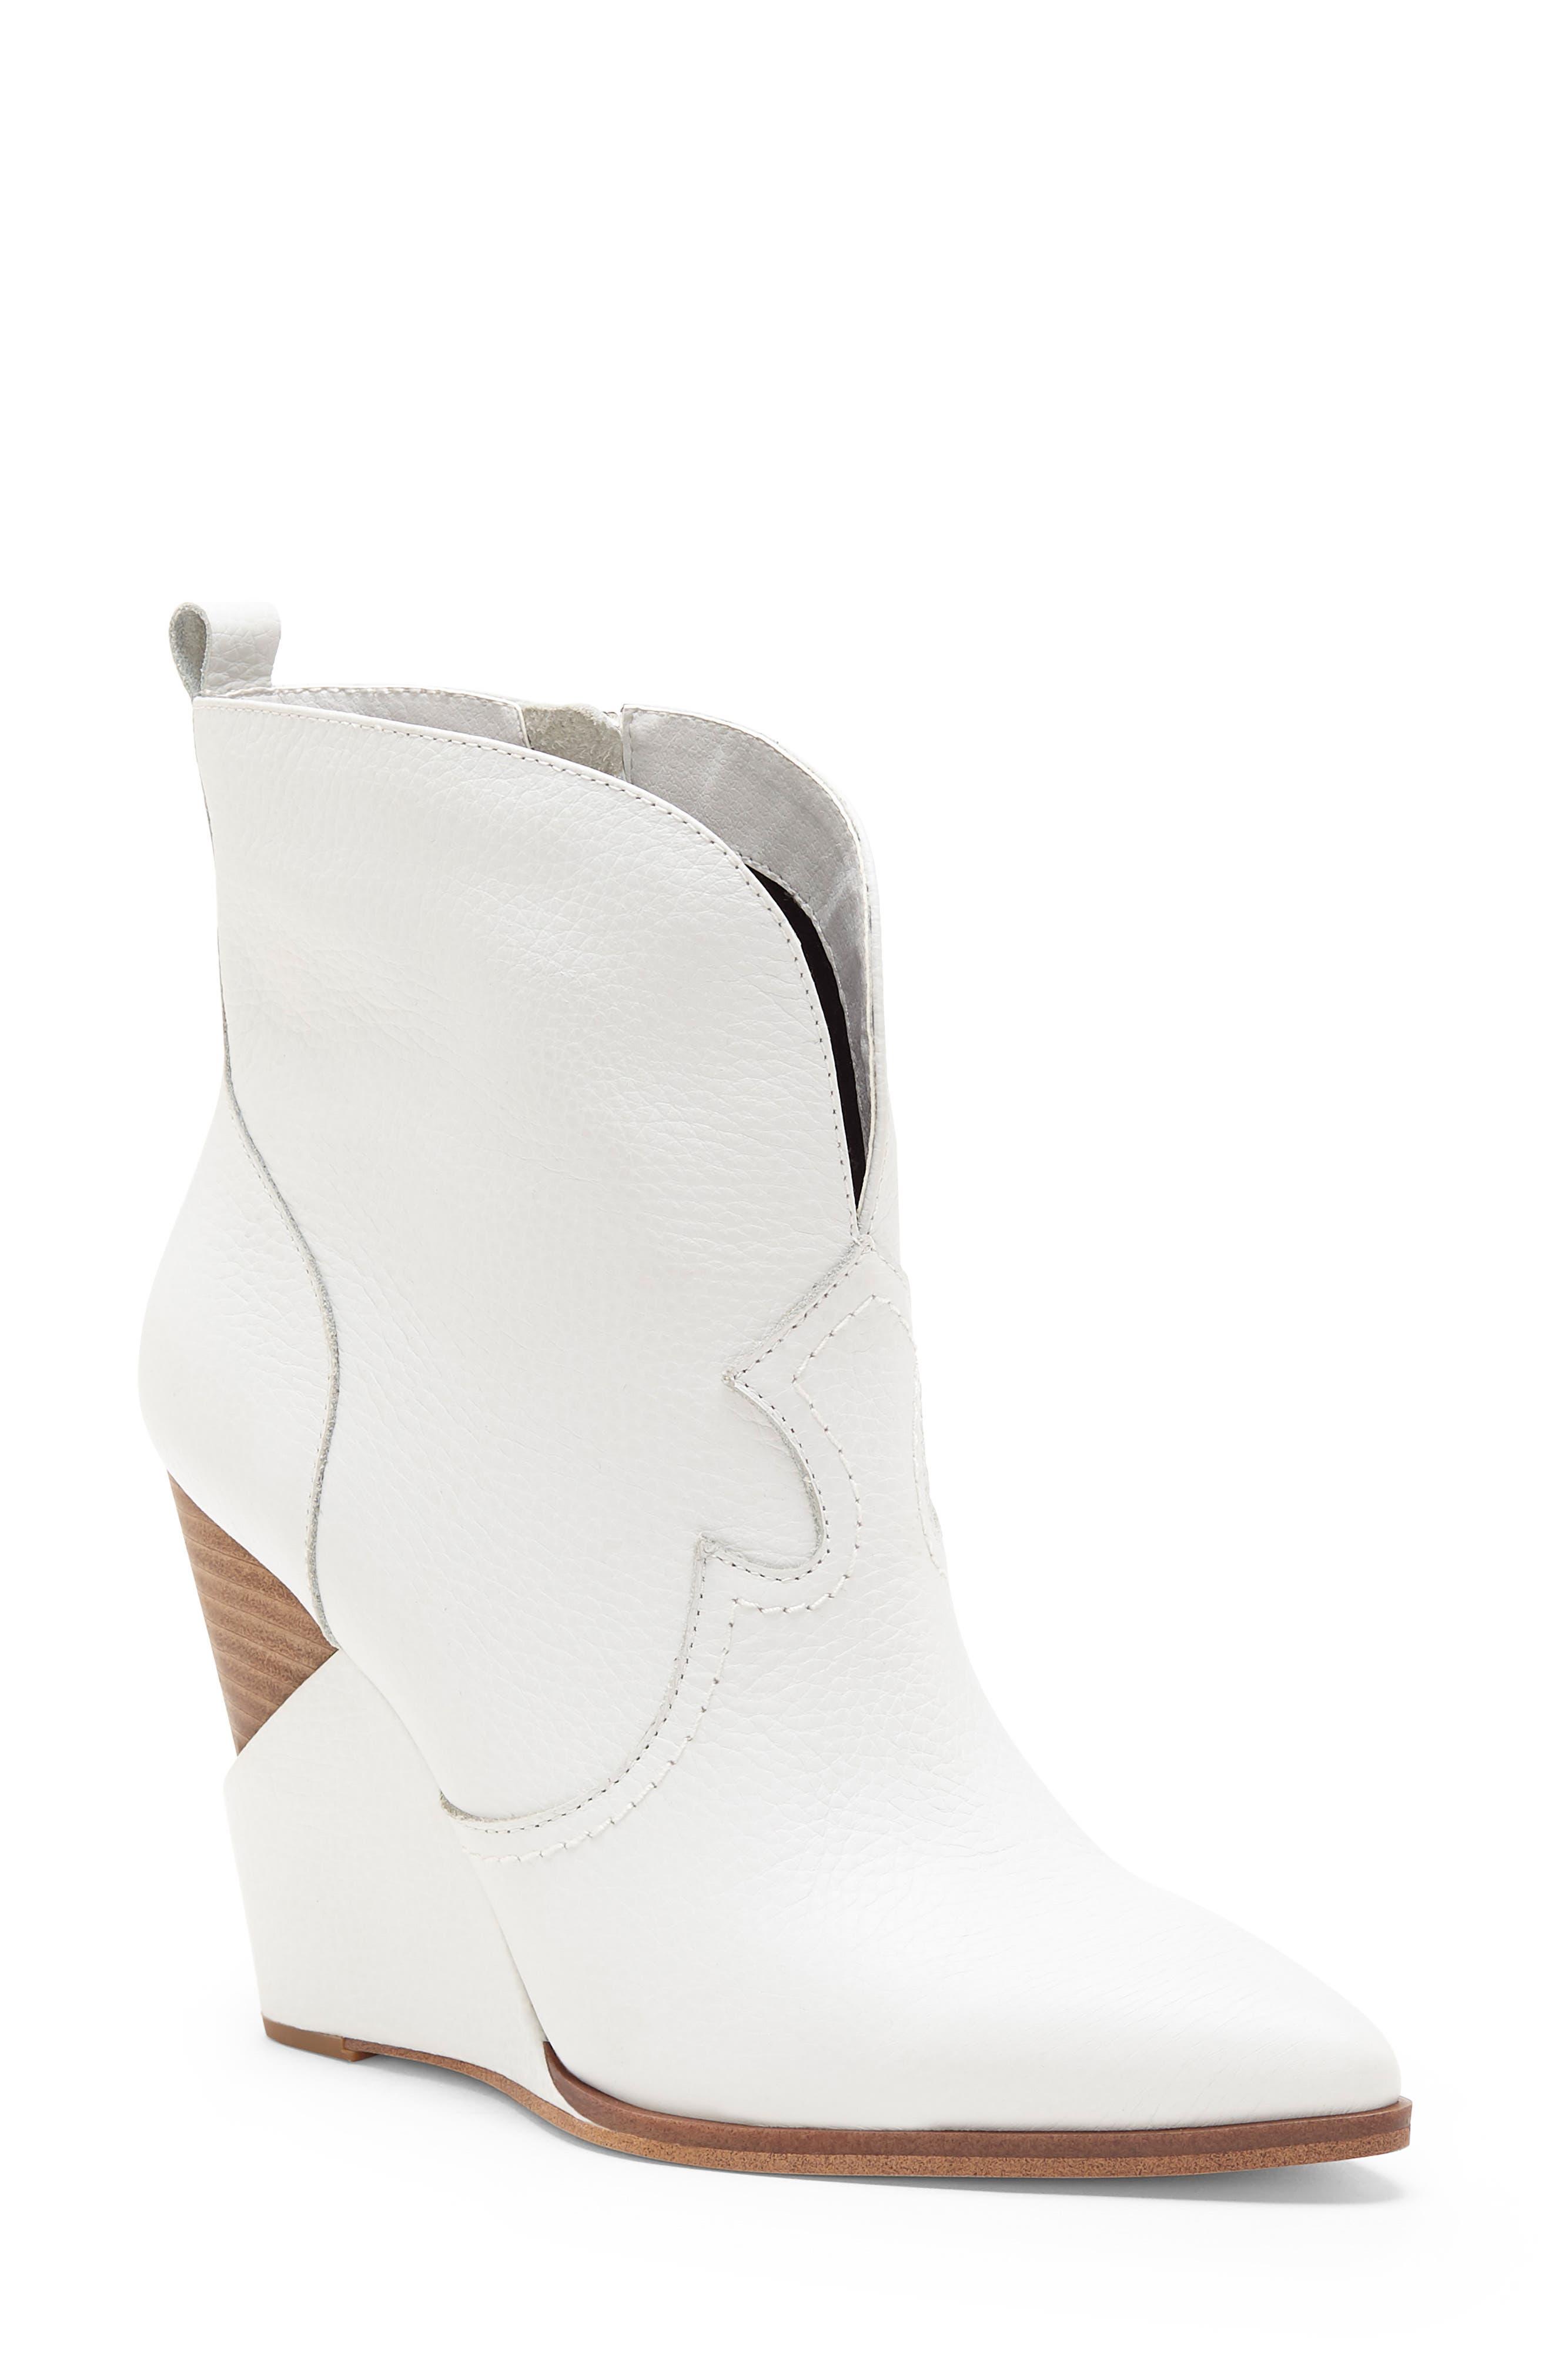 Jessica Simpson Hilrie Bootie- White